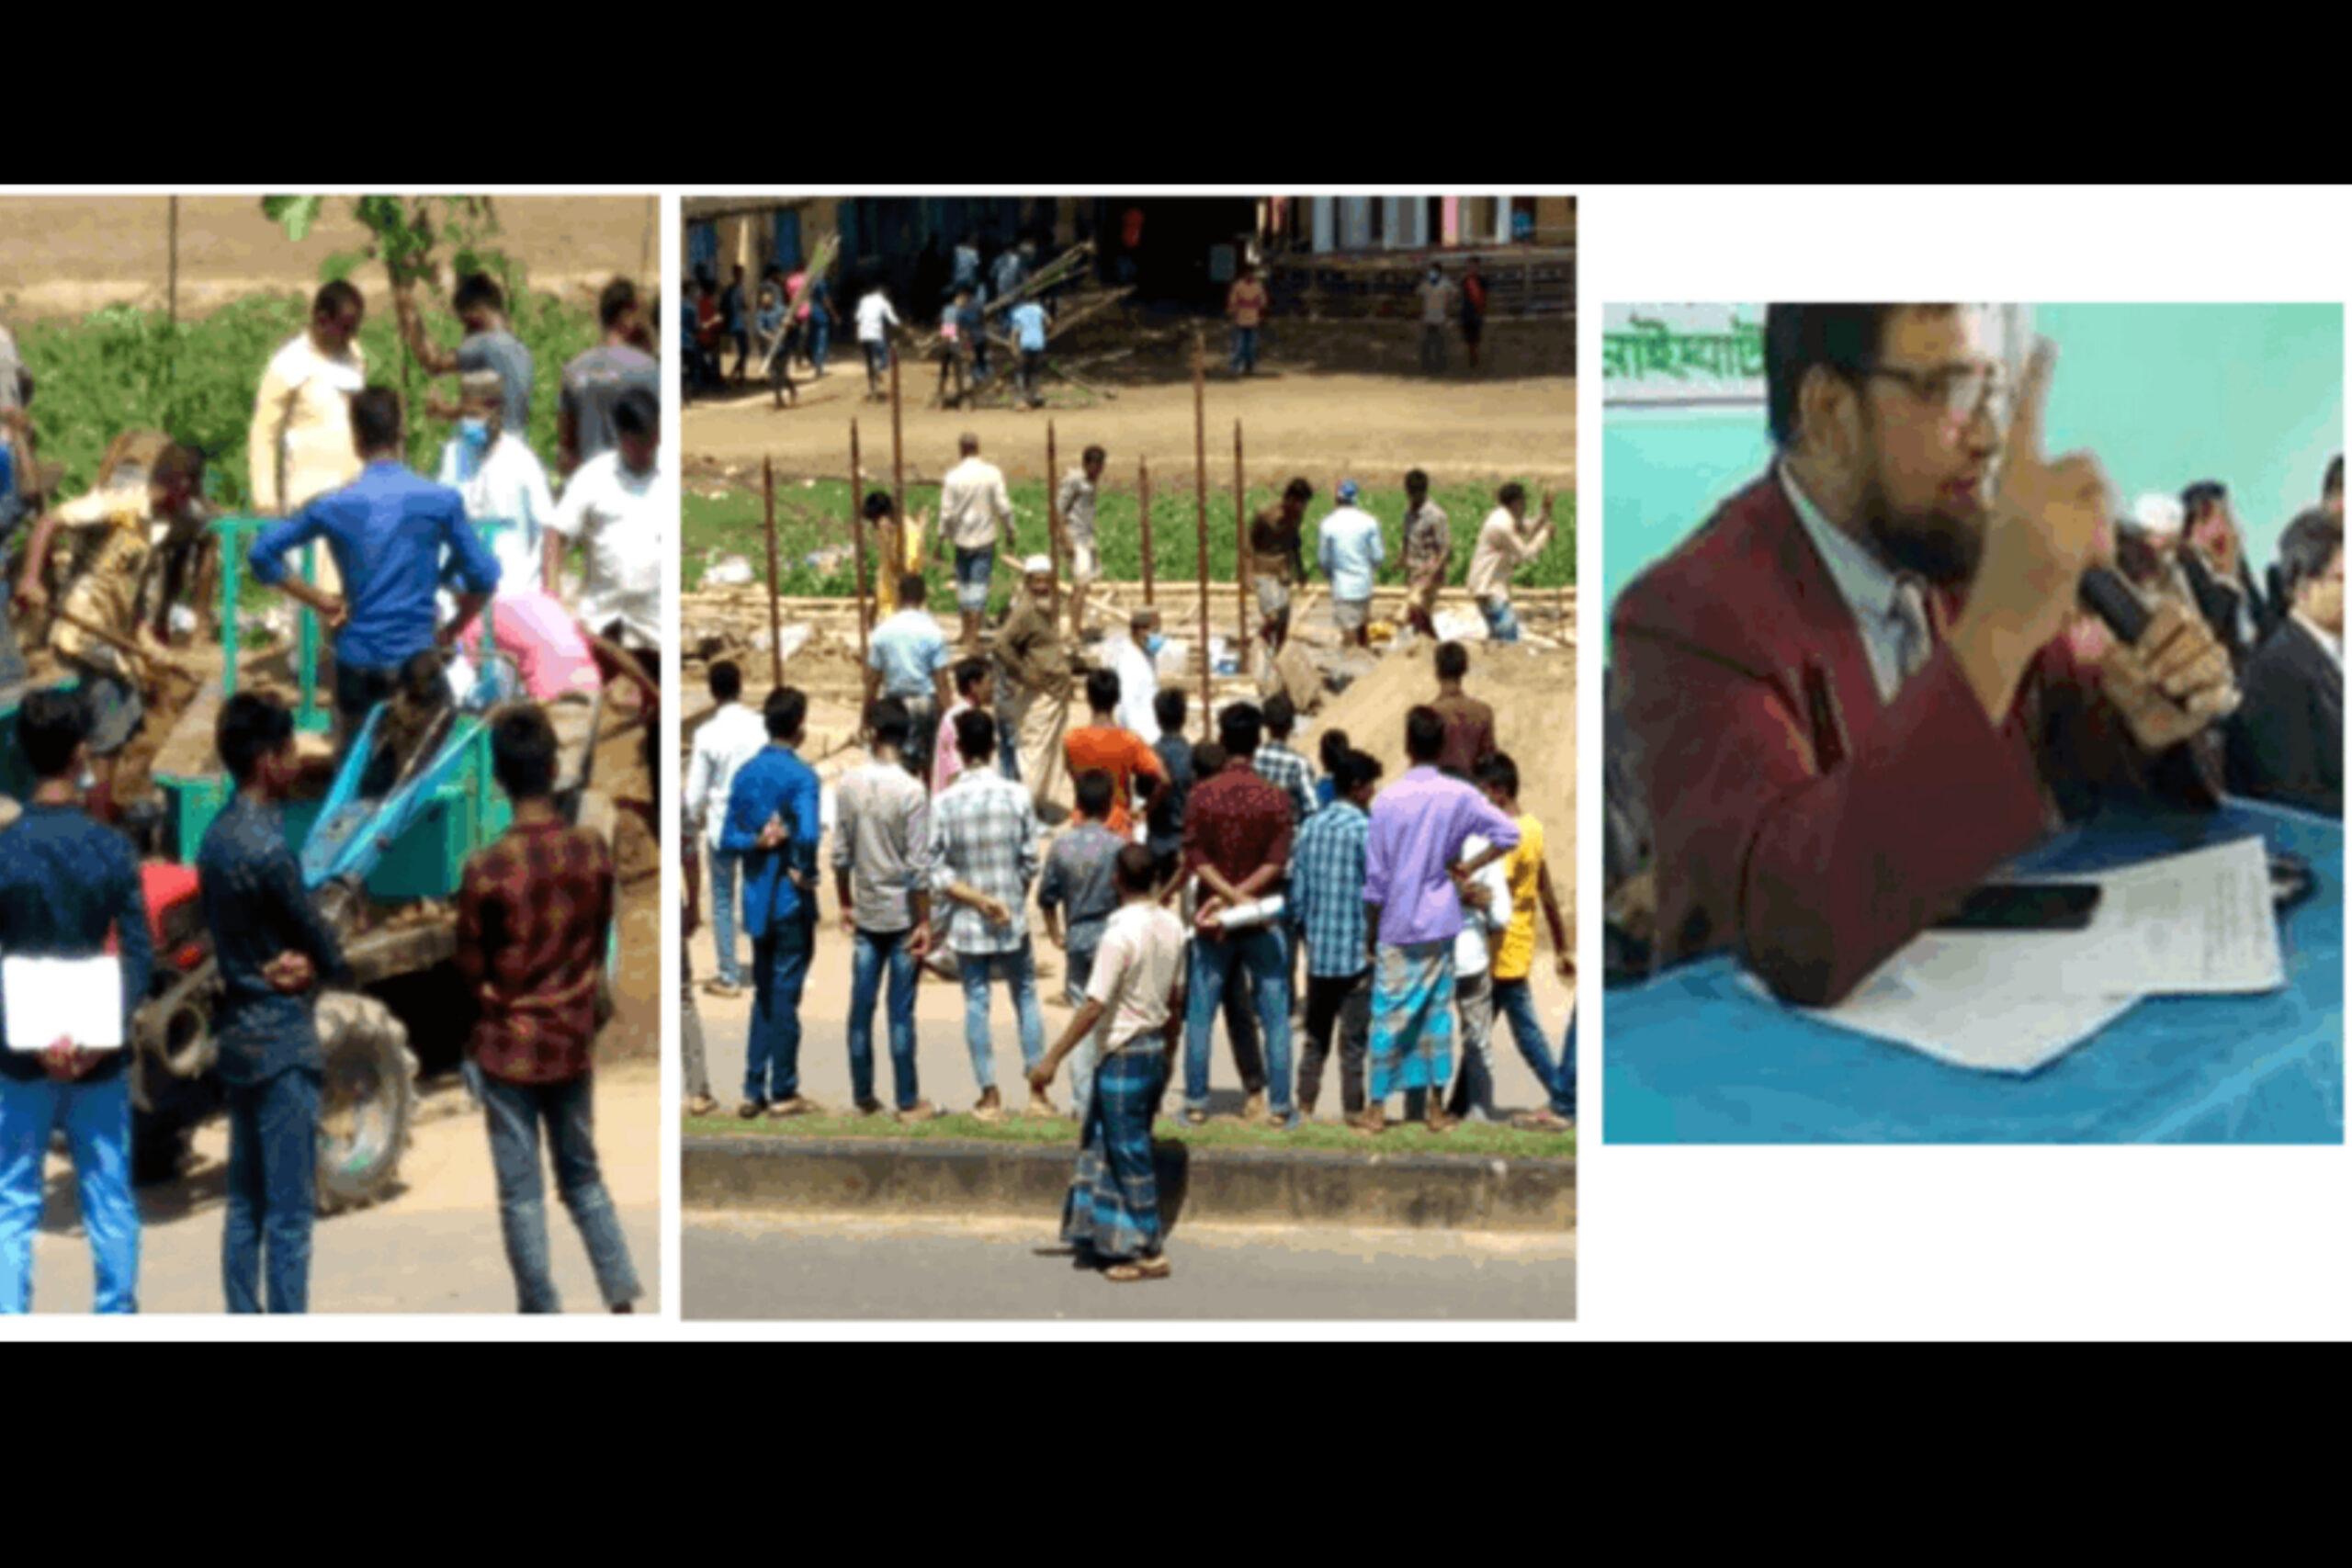 কানাইঘাটে আব্দুল মতিন গংদের অত্যাচারে নিঃস্ব একটি পরিবার, থানায় মামলা